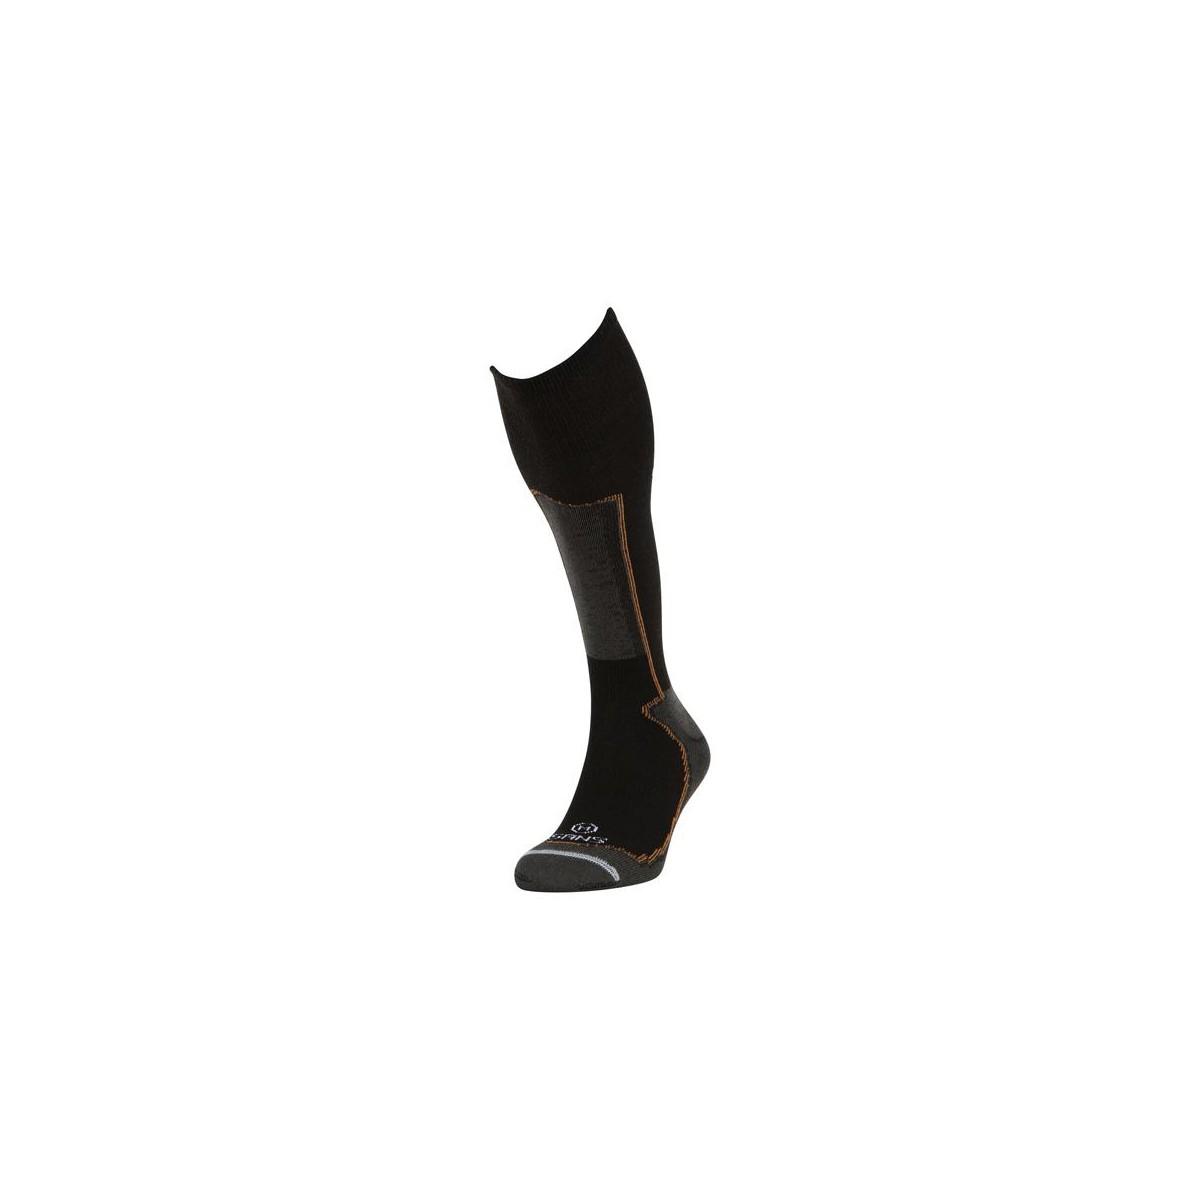 chaussettes hiver thermolite et soie lorpen. Black Bedroom Furniture Sets. Home Design Ideas